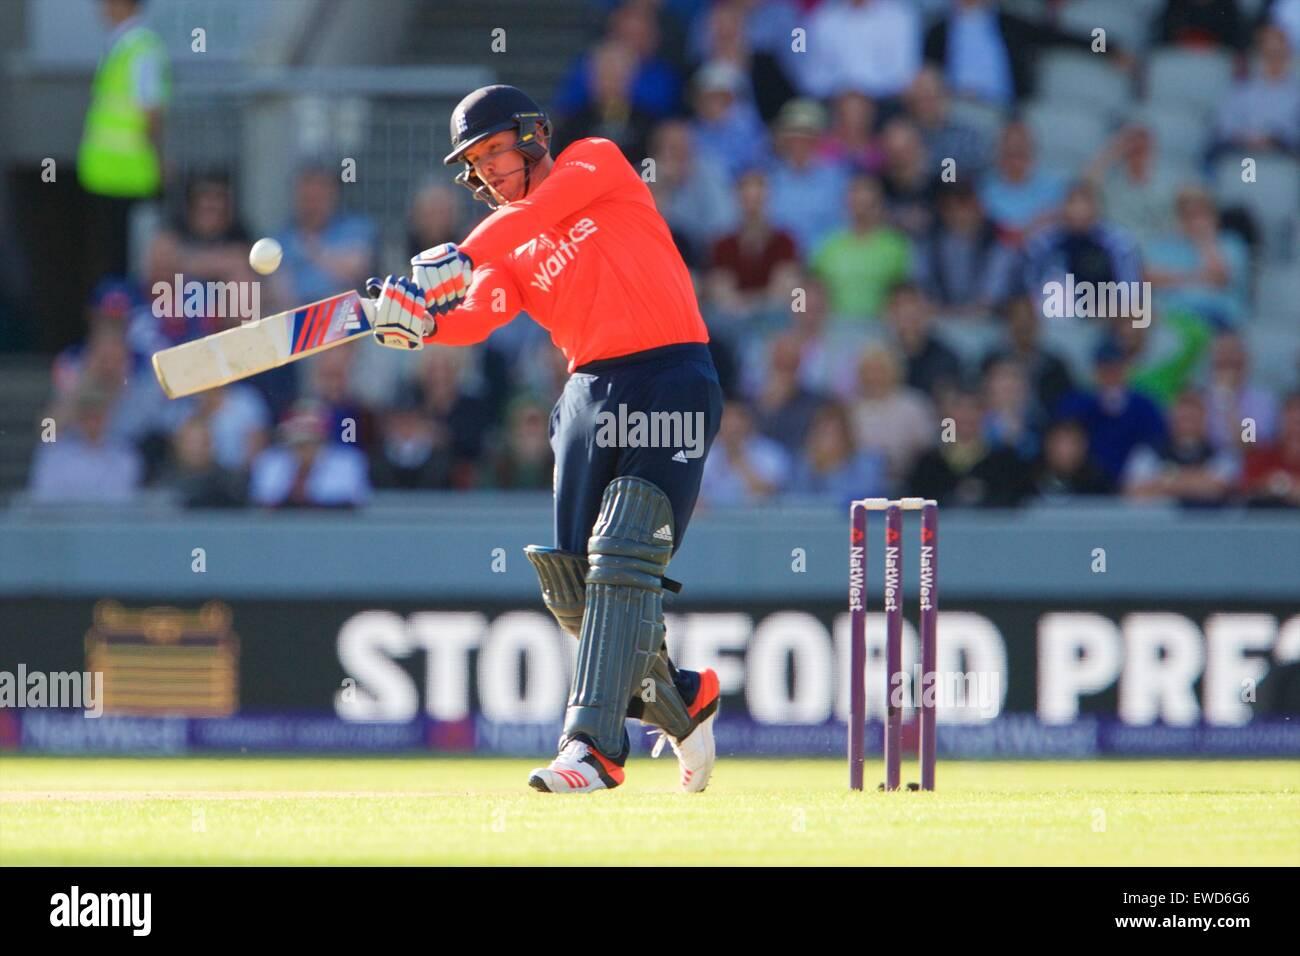 Manchester, Reino Unido. El 23 de junio de 2015. NatWest International Cricket T20. Inglaterra frente a Nueva Zelanda. Imagen De Stock